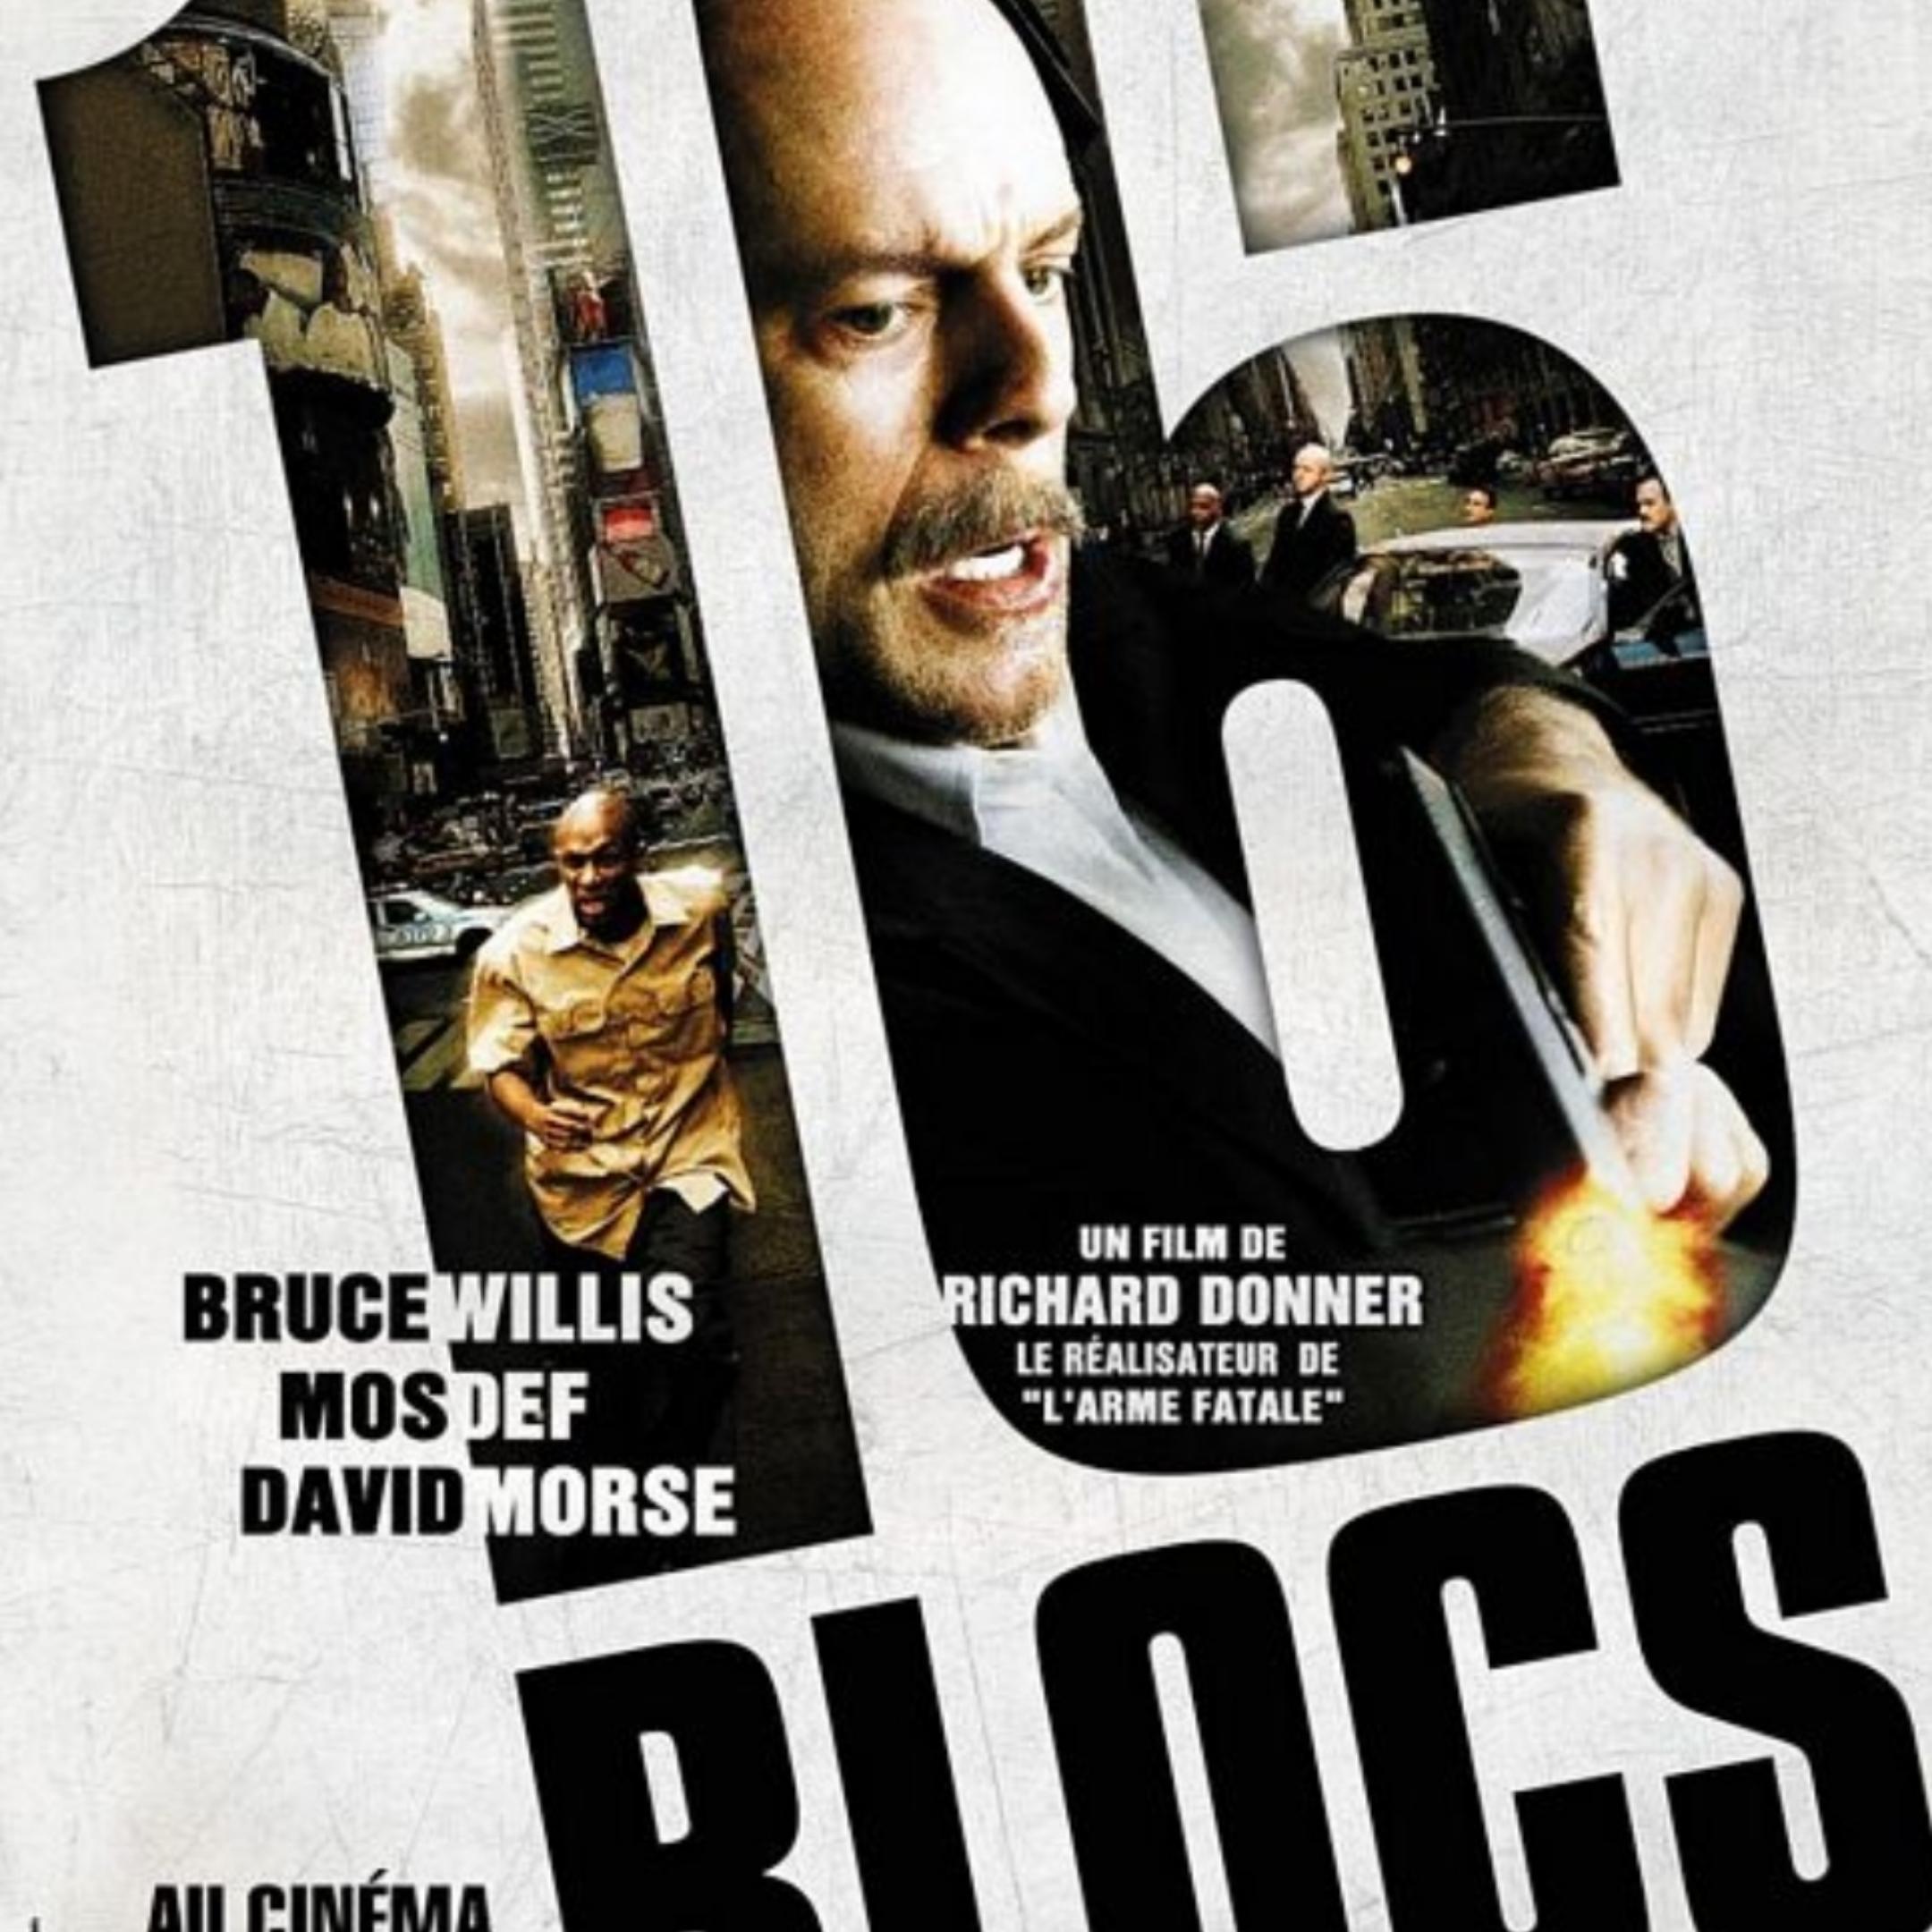 16ブロック(2006)